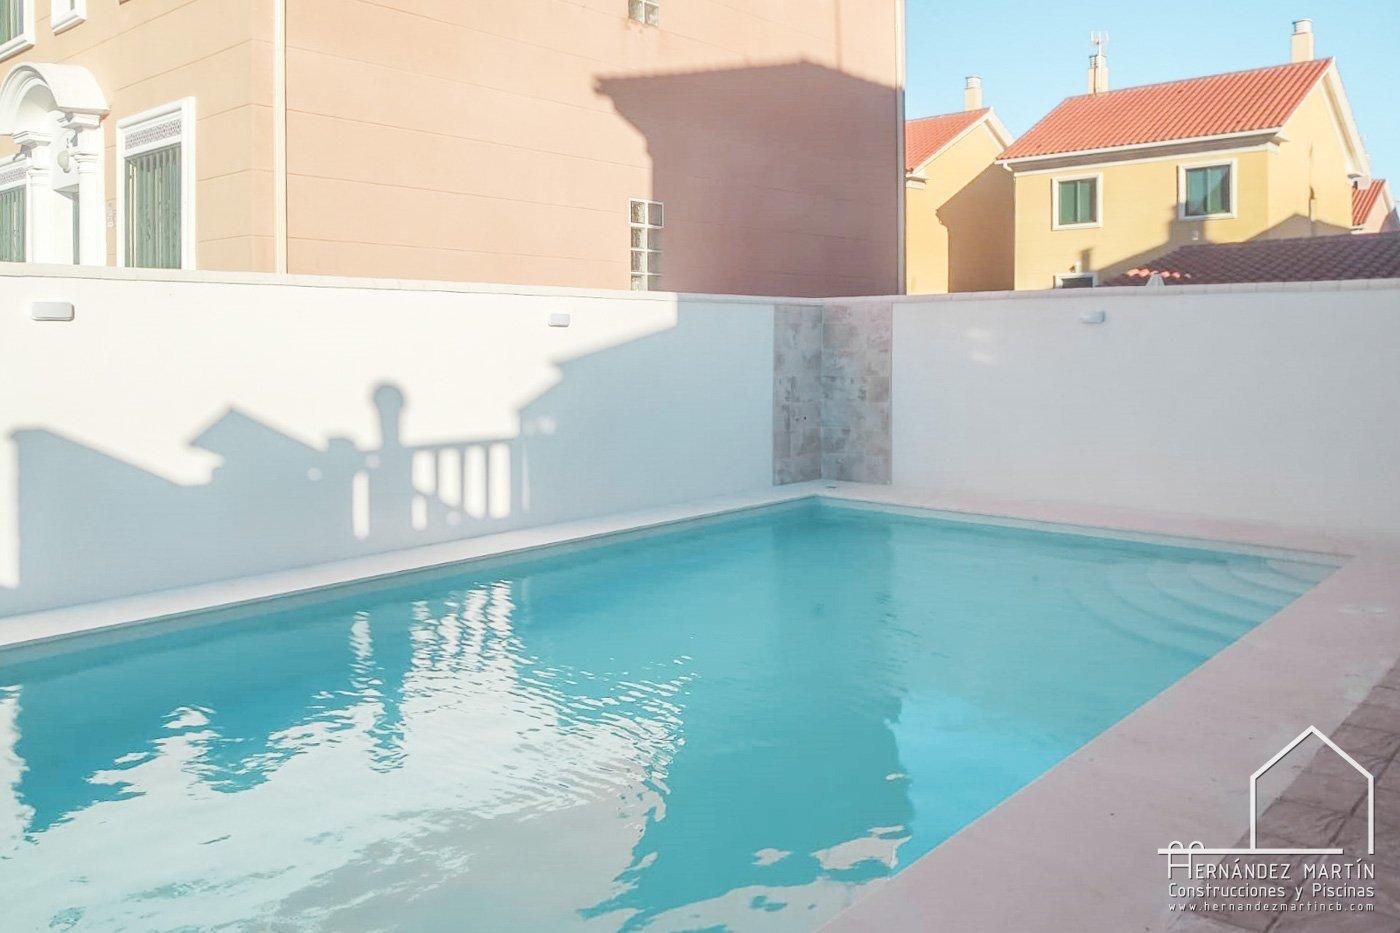 hernandez martin construcciones y piscinas experiencia obra piscina zamora salamanca valladolid PISCINA - cubierta climatizada prefabricada